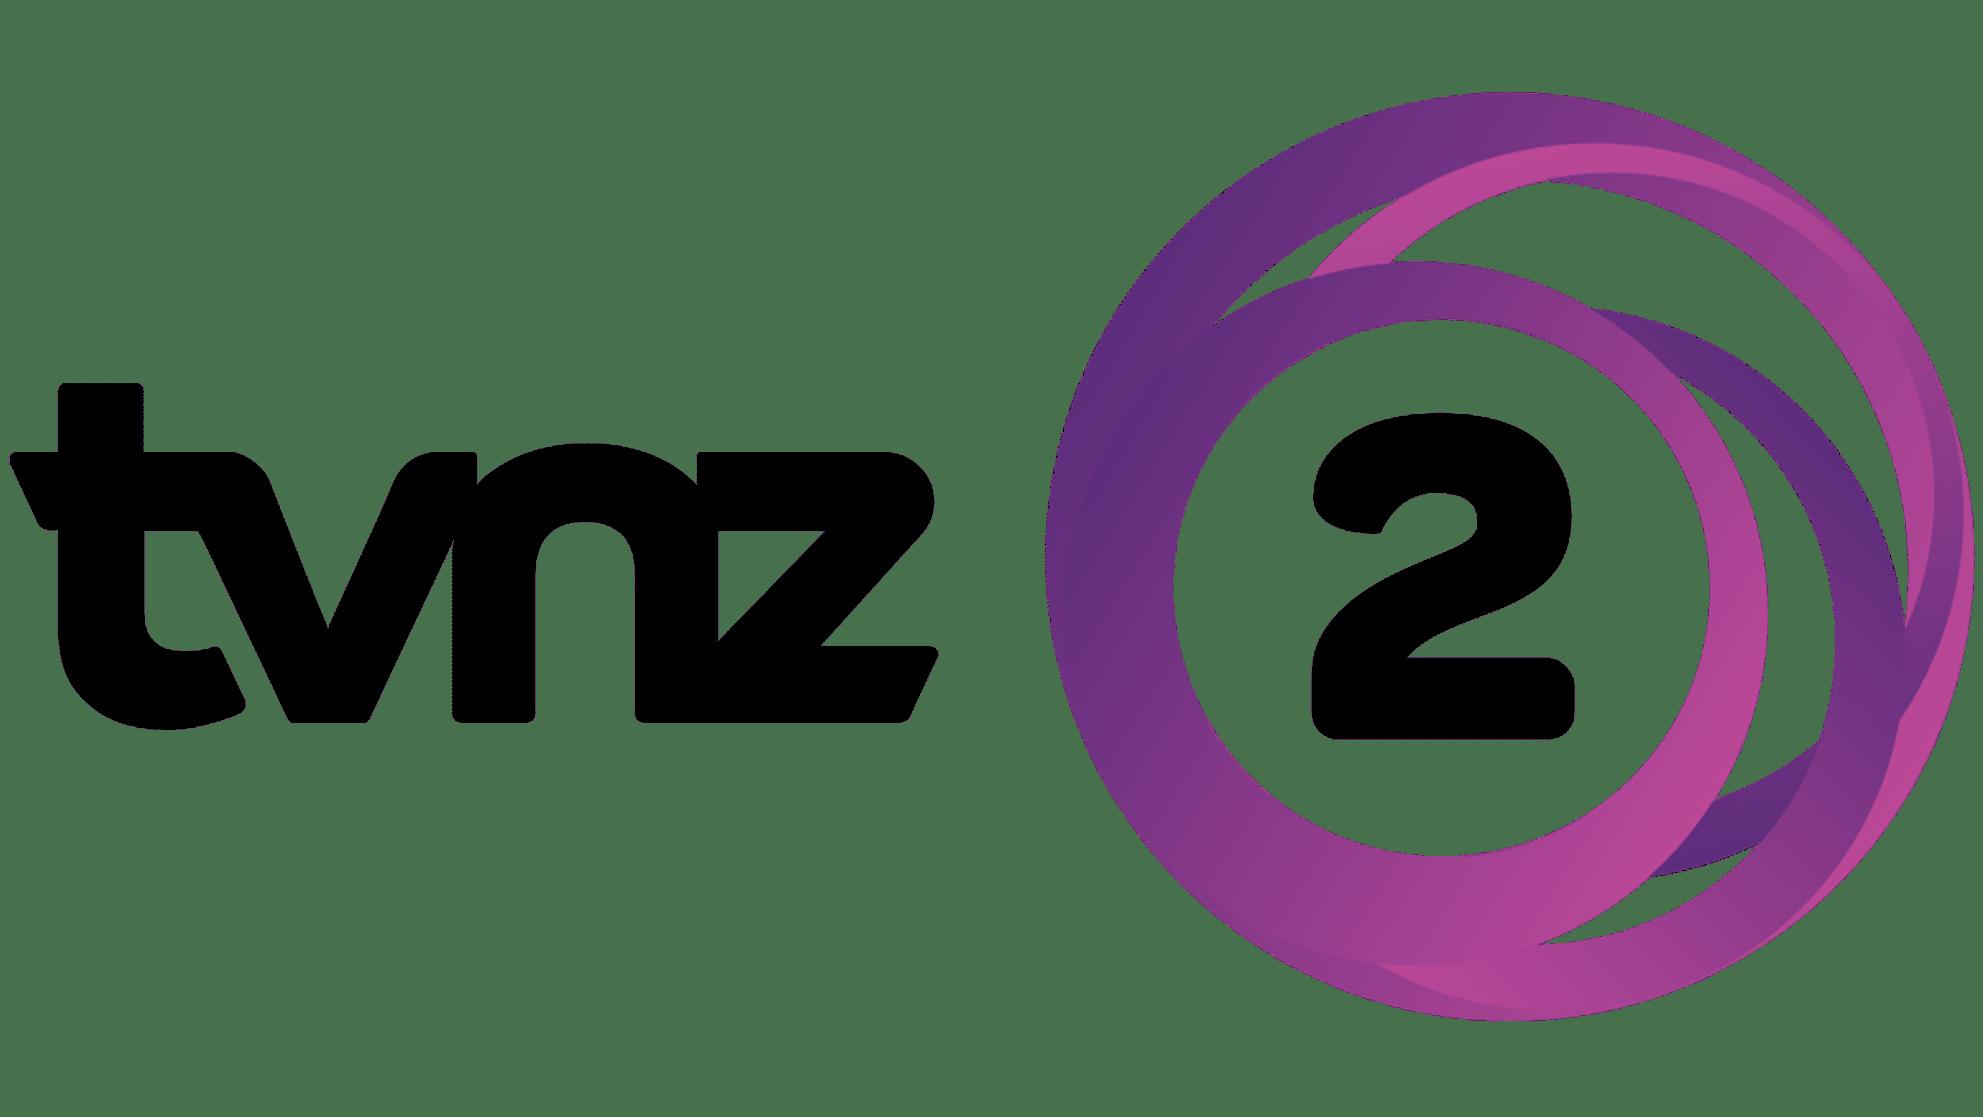 TVNZ 2